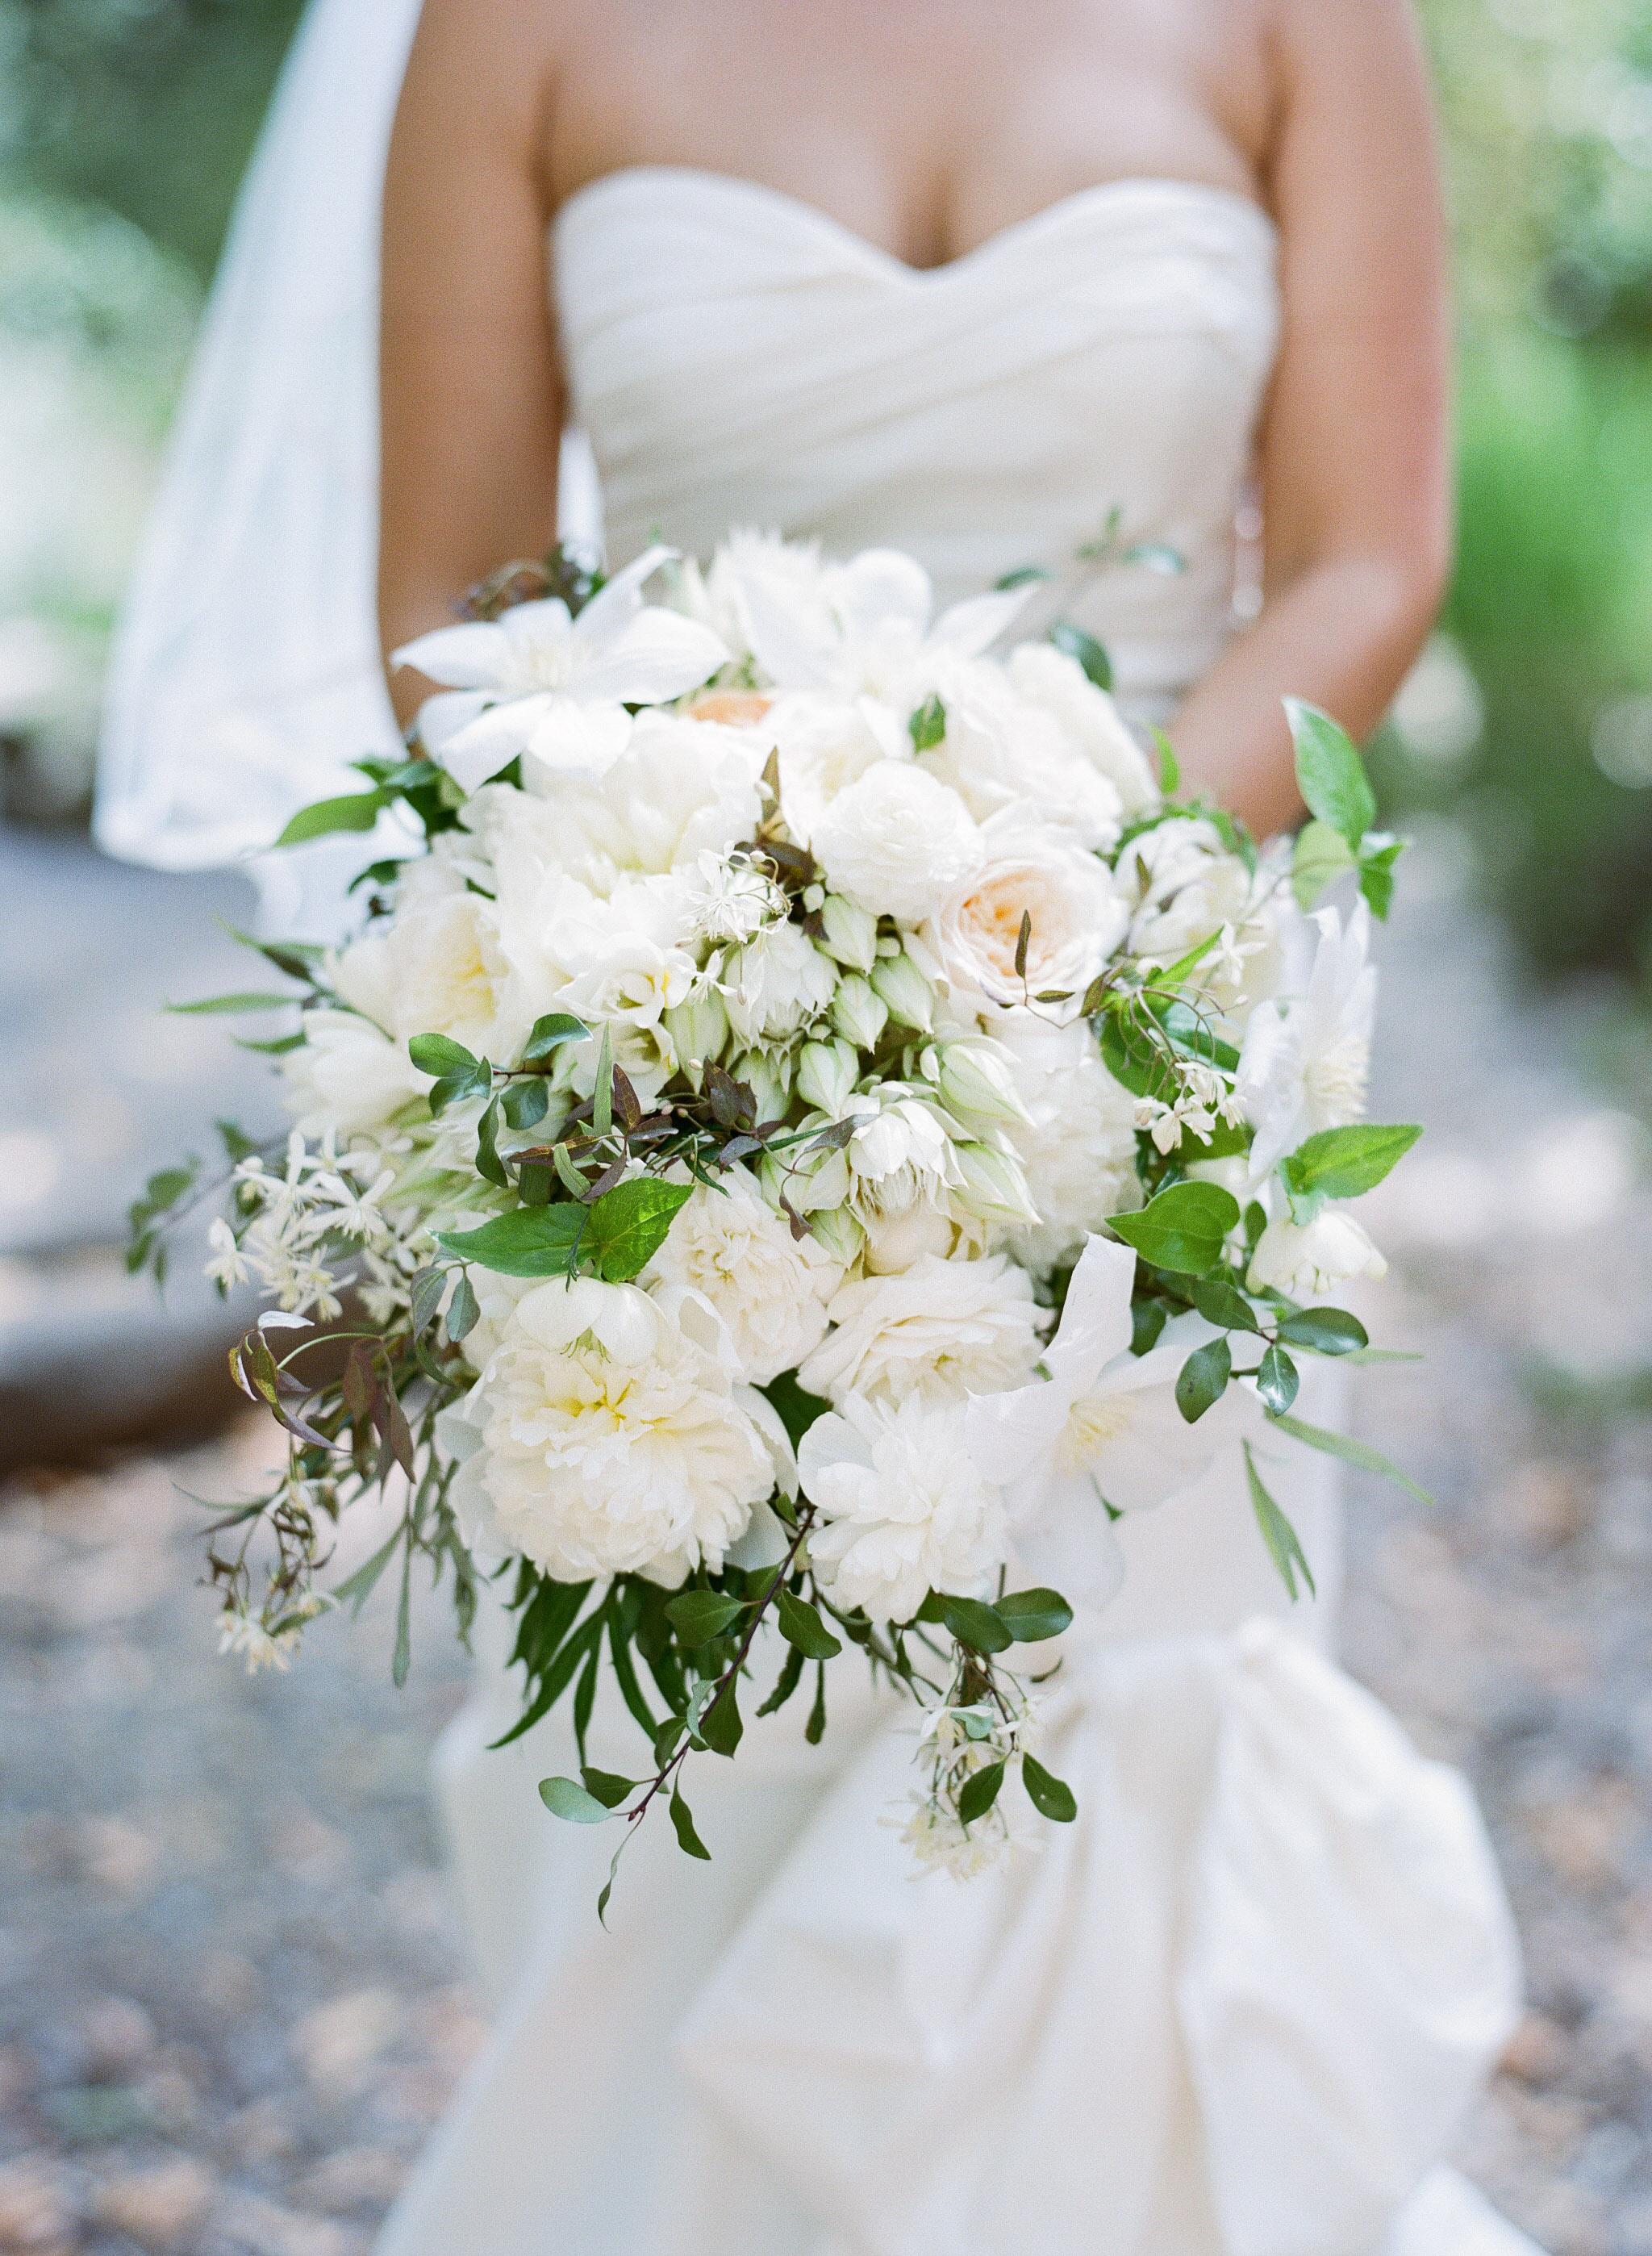 SylvieGil-Bride, Ceremony, Family, film, Groom, Napa, Reception, Wedding, Wedding Party-17.jpg